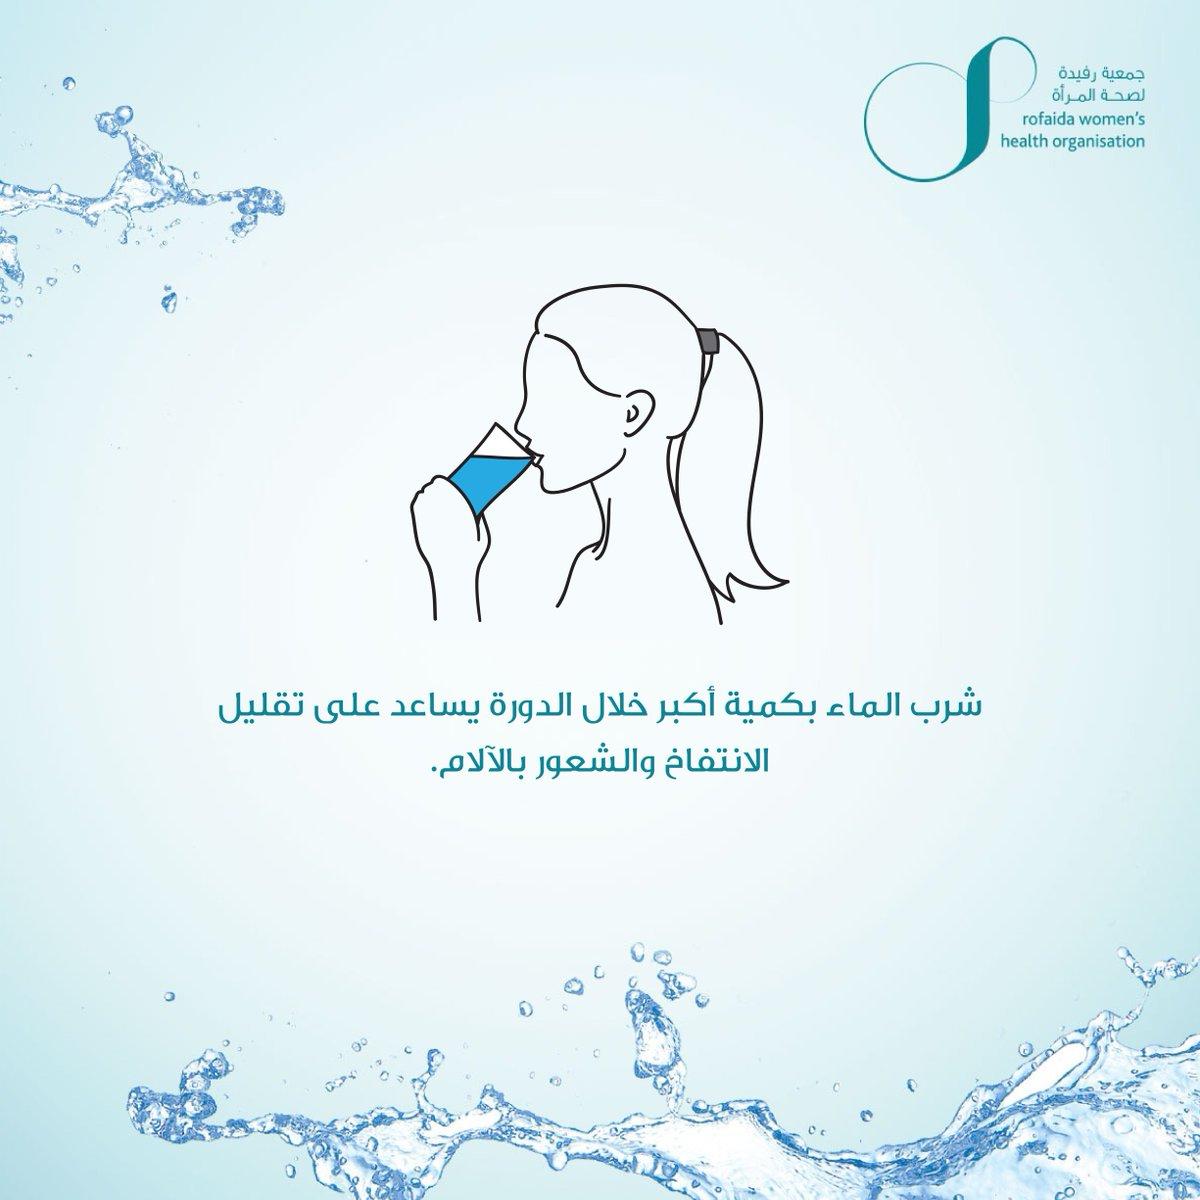 أثناء الدورة الشهرية، اشربي مويه أكثر عشان تخففين من آلامها. #متعطشه_للحياه